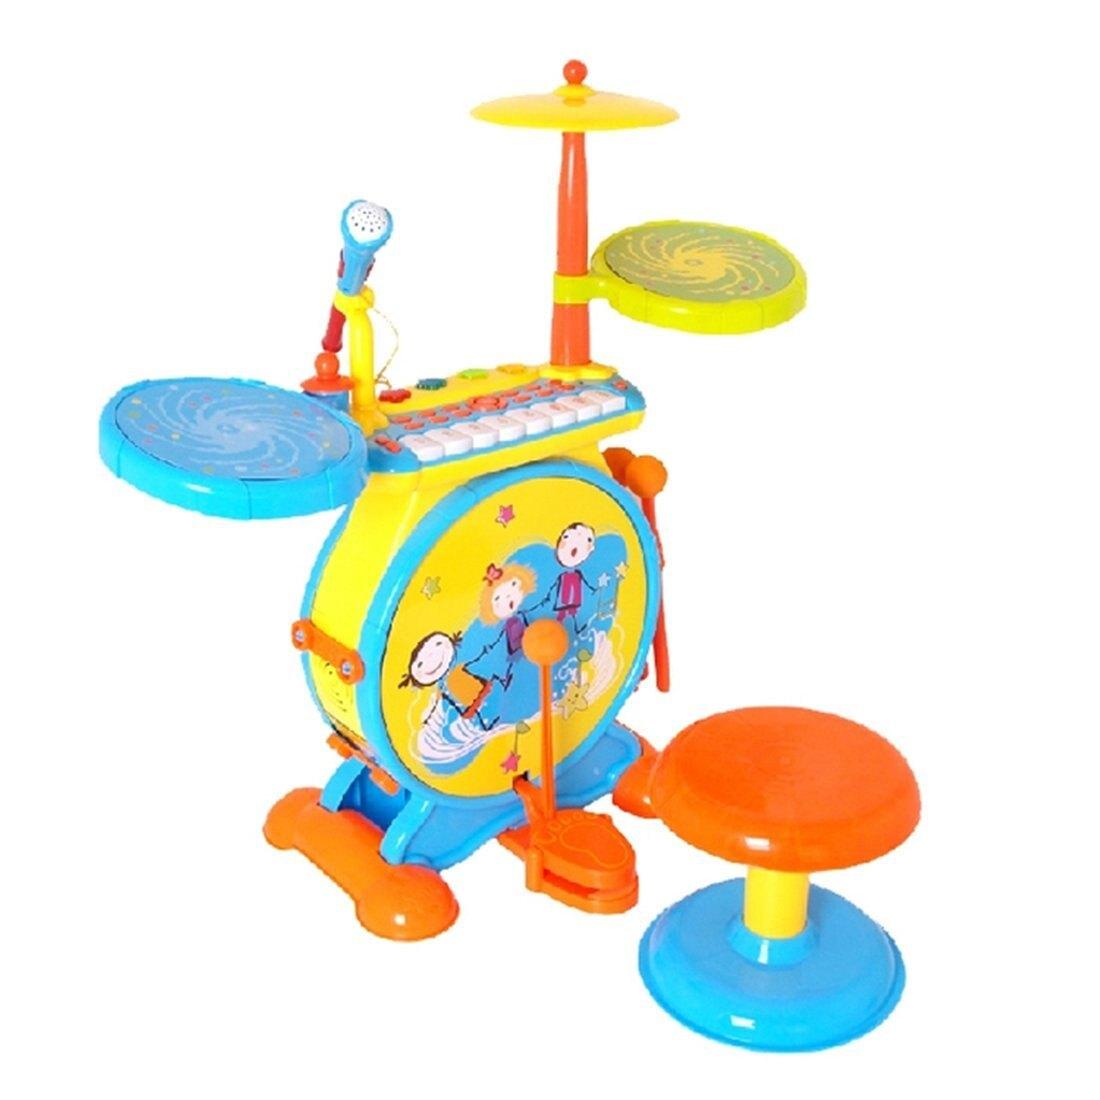 【淘氣寶寶】孩子王 KIDMAIE 二合一琴鍵爵士鼓(粉/黃)